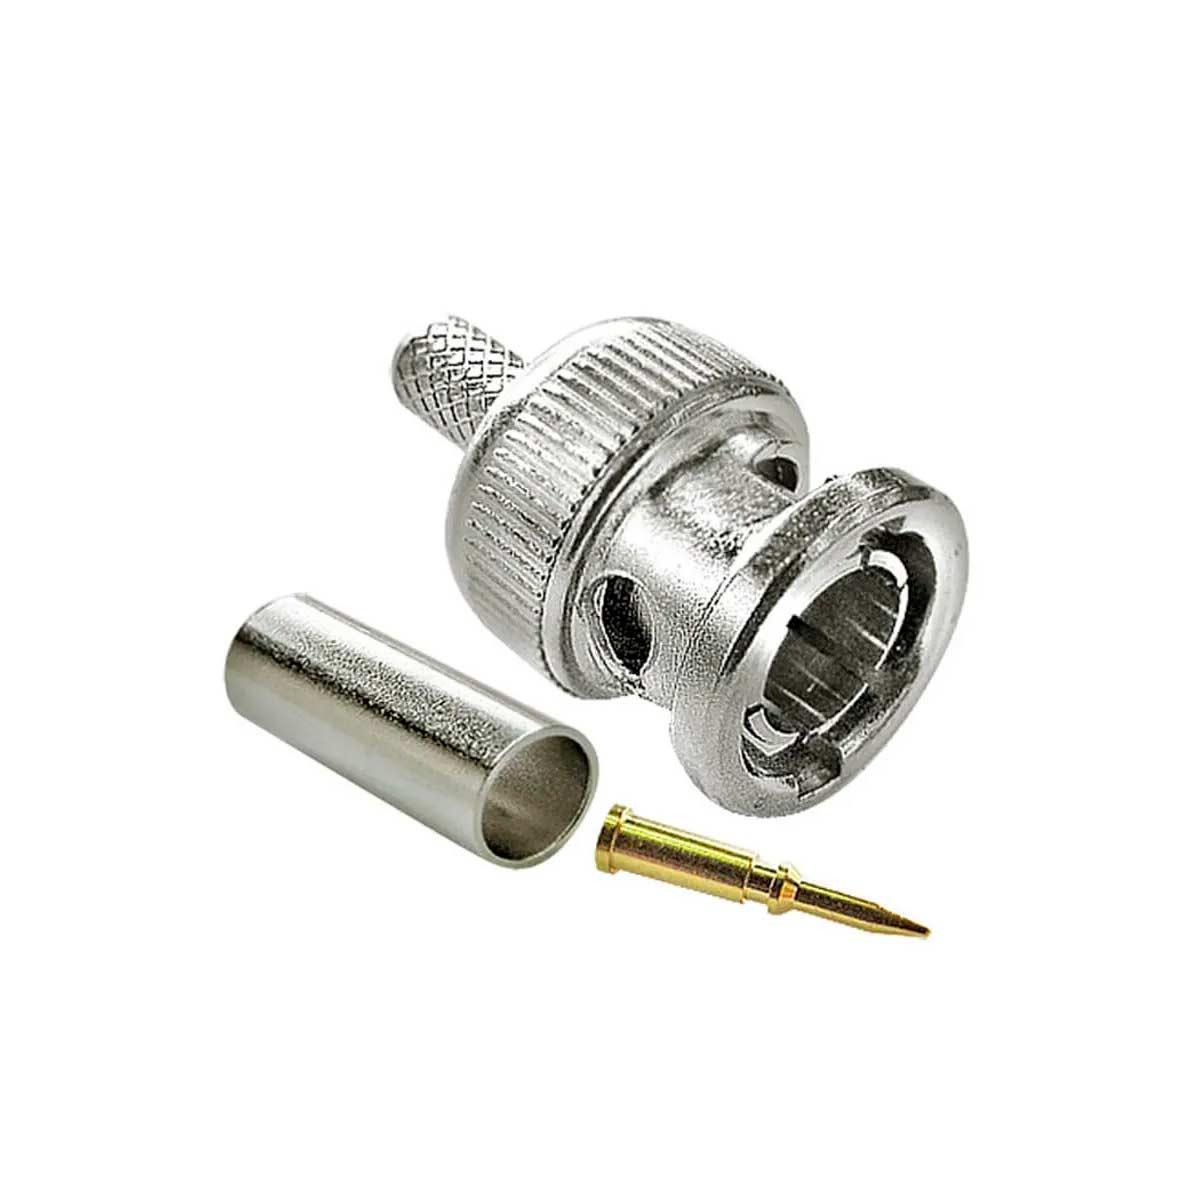 kit-cameras-de-seguranca-hd-720p-20m-infravermelho-de-visao-noturna-dvr-intelbras-app-gratis-de-monitoramento-da-intelbras-fonte-cabos-e-acessorios